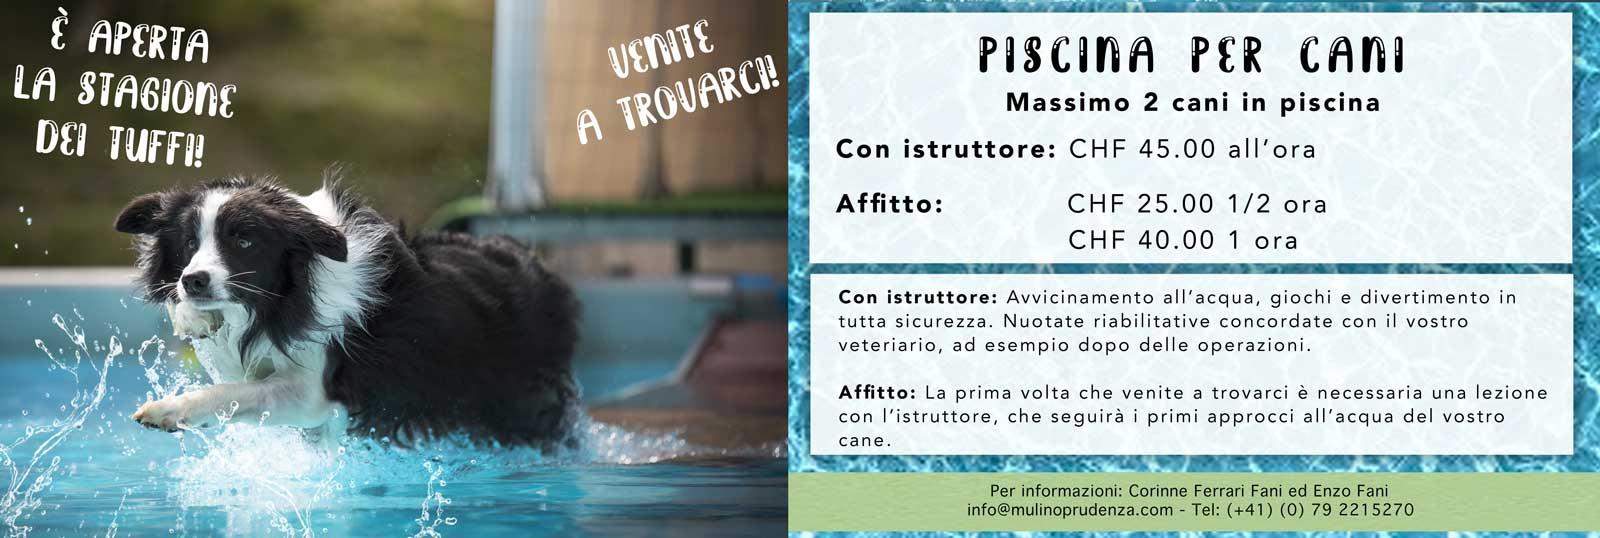 piscina per cani Novazzano Canton Ticino